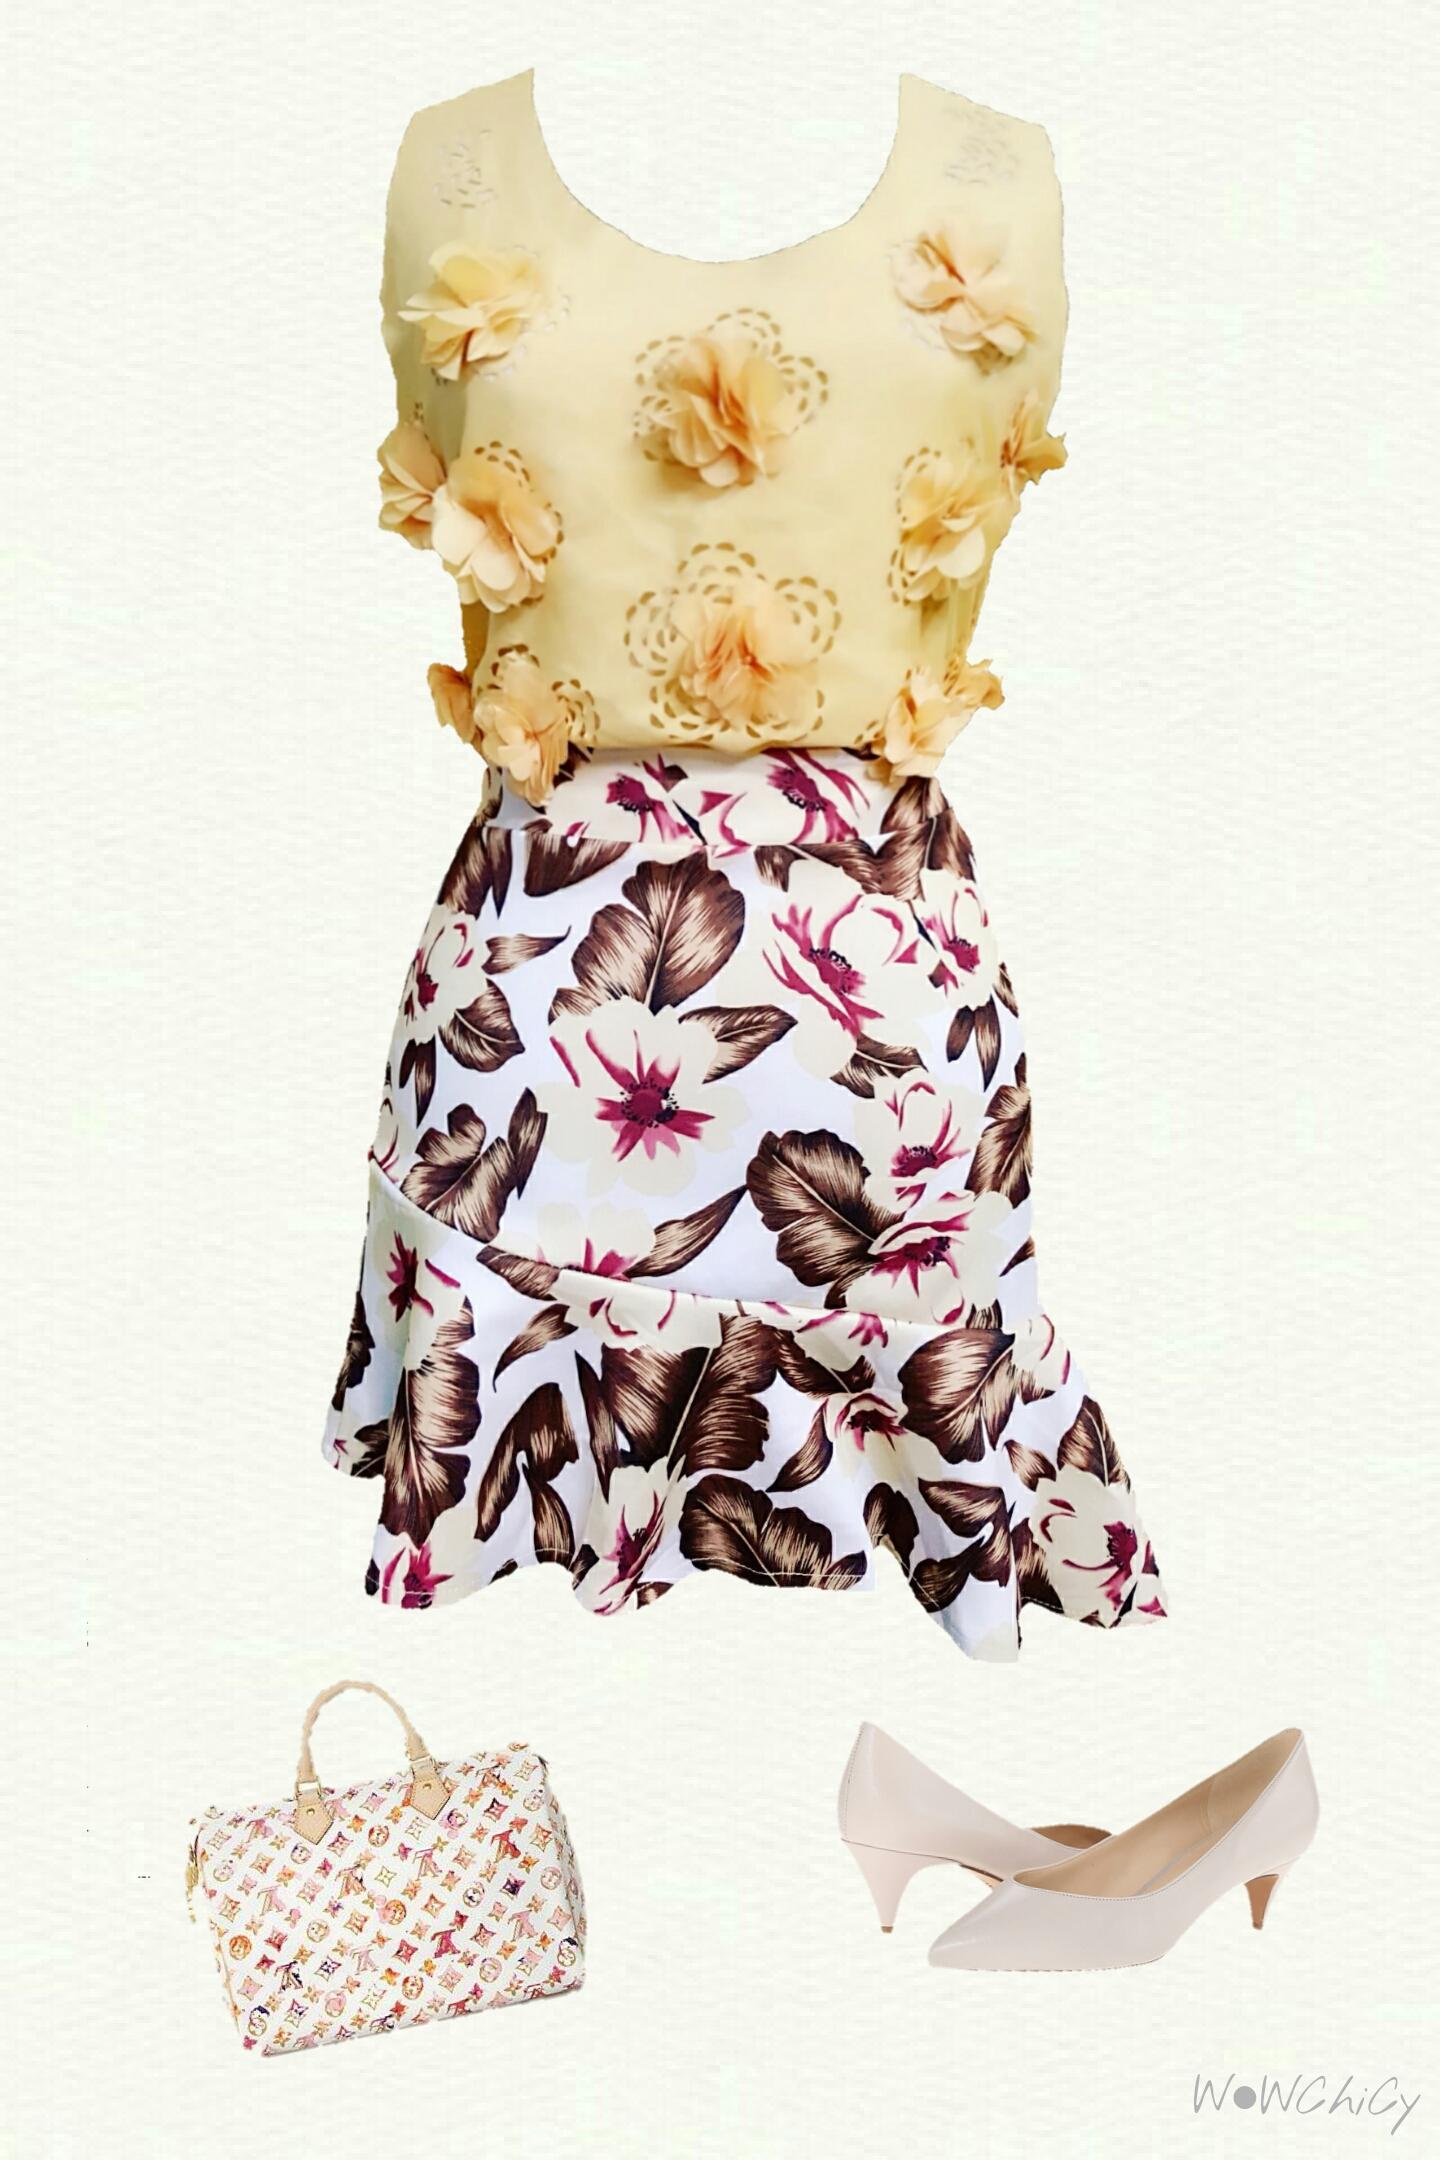 เซ็ตเสื้อผ้าชีฟองแต่งกรีบและปรุลายดอกไม้และกระโปรงผ้ายืดหนานิ่มพิมพ์ลายดอกไม้ สองตัวนี้ใส่เข้าเซ็ตกันสุดๆค่ะ ตัวเสื้อเป็นผ้าชีฟองแต่งลายดอกไม้สไตล์วินเทจ มีซิบข้างใส่ง่าย เป็นทรงหลวมๆไม่รัด มาพร้อมกับกระโปรงผ้ายืดหนานิ่มไม่บาง เอวสม็อคหลัง พิมพ์ลายดอกไม้